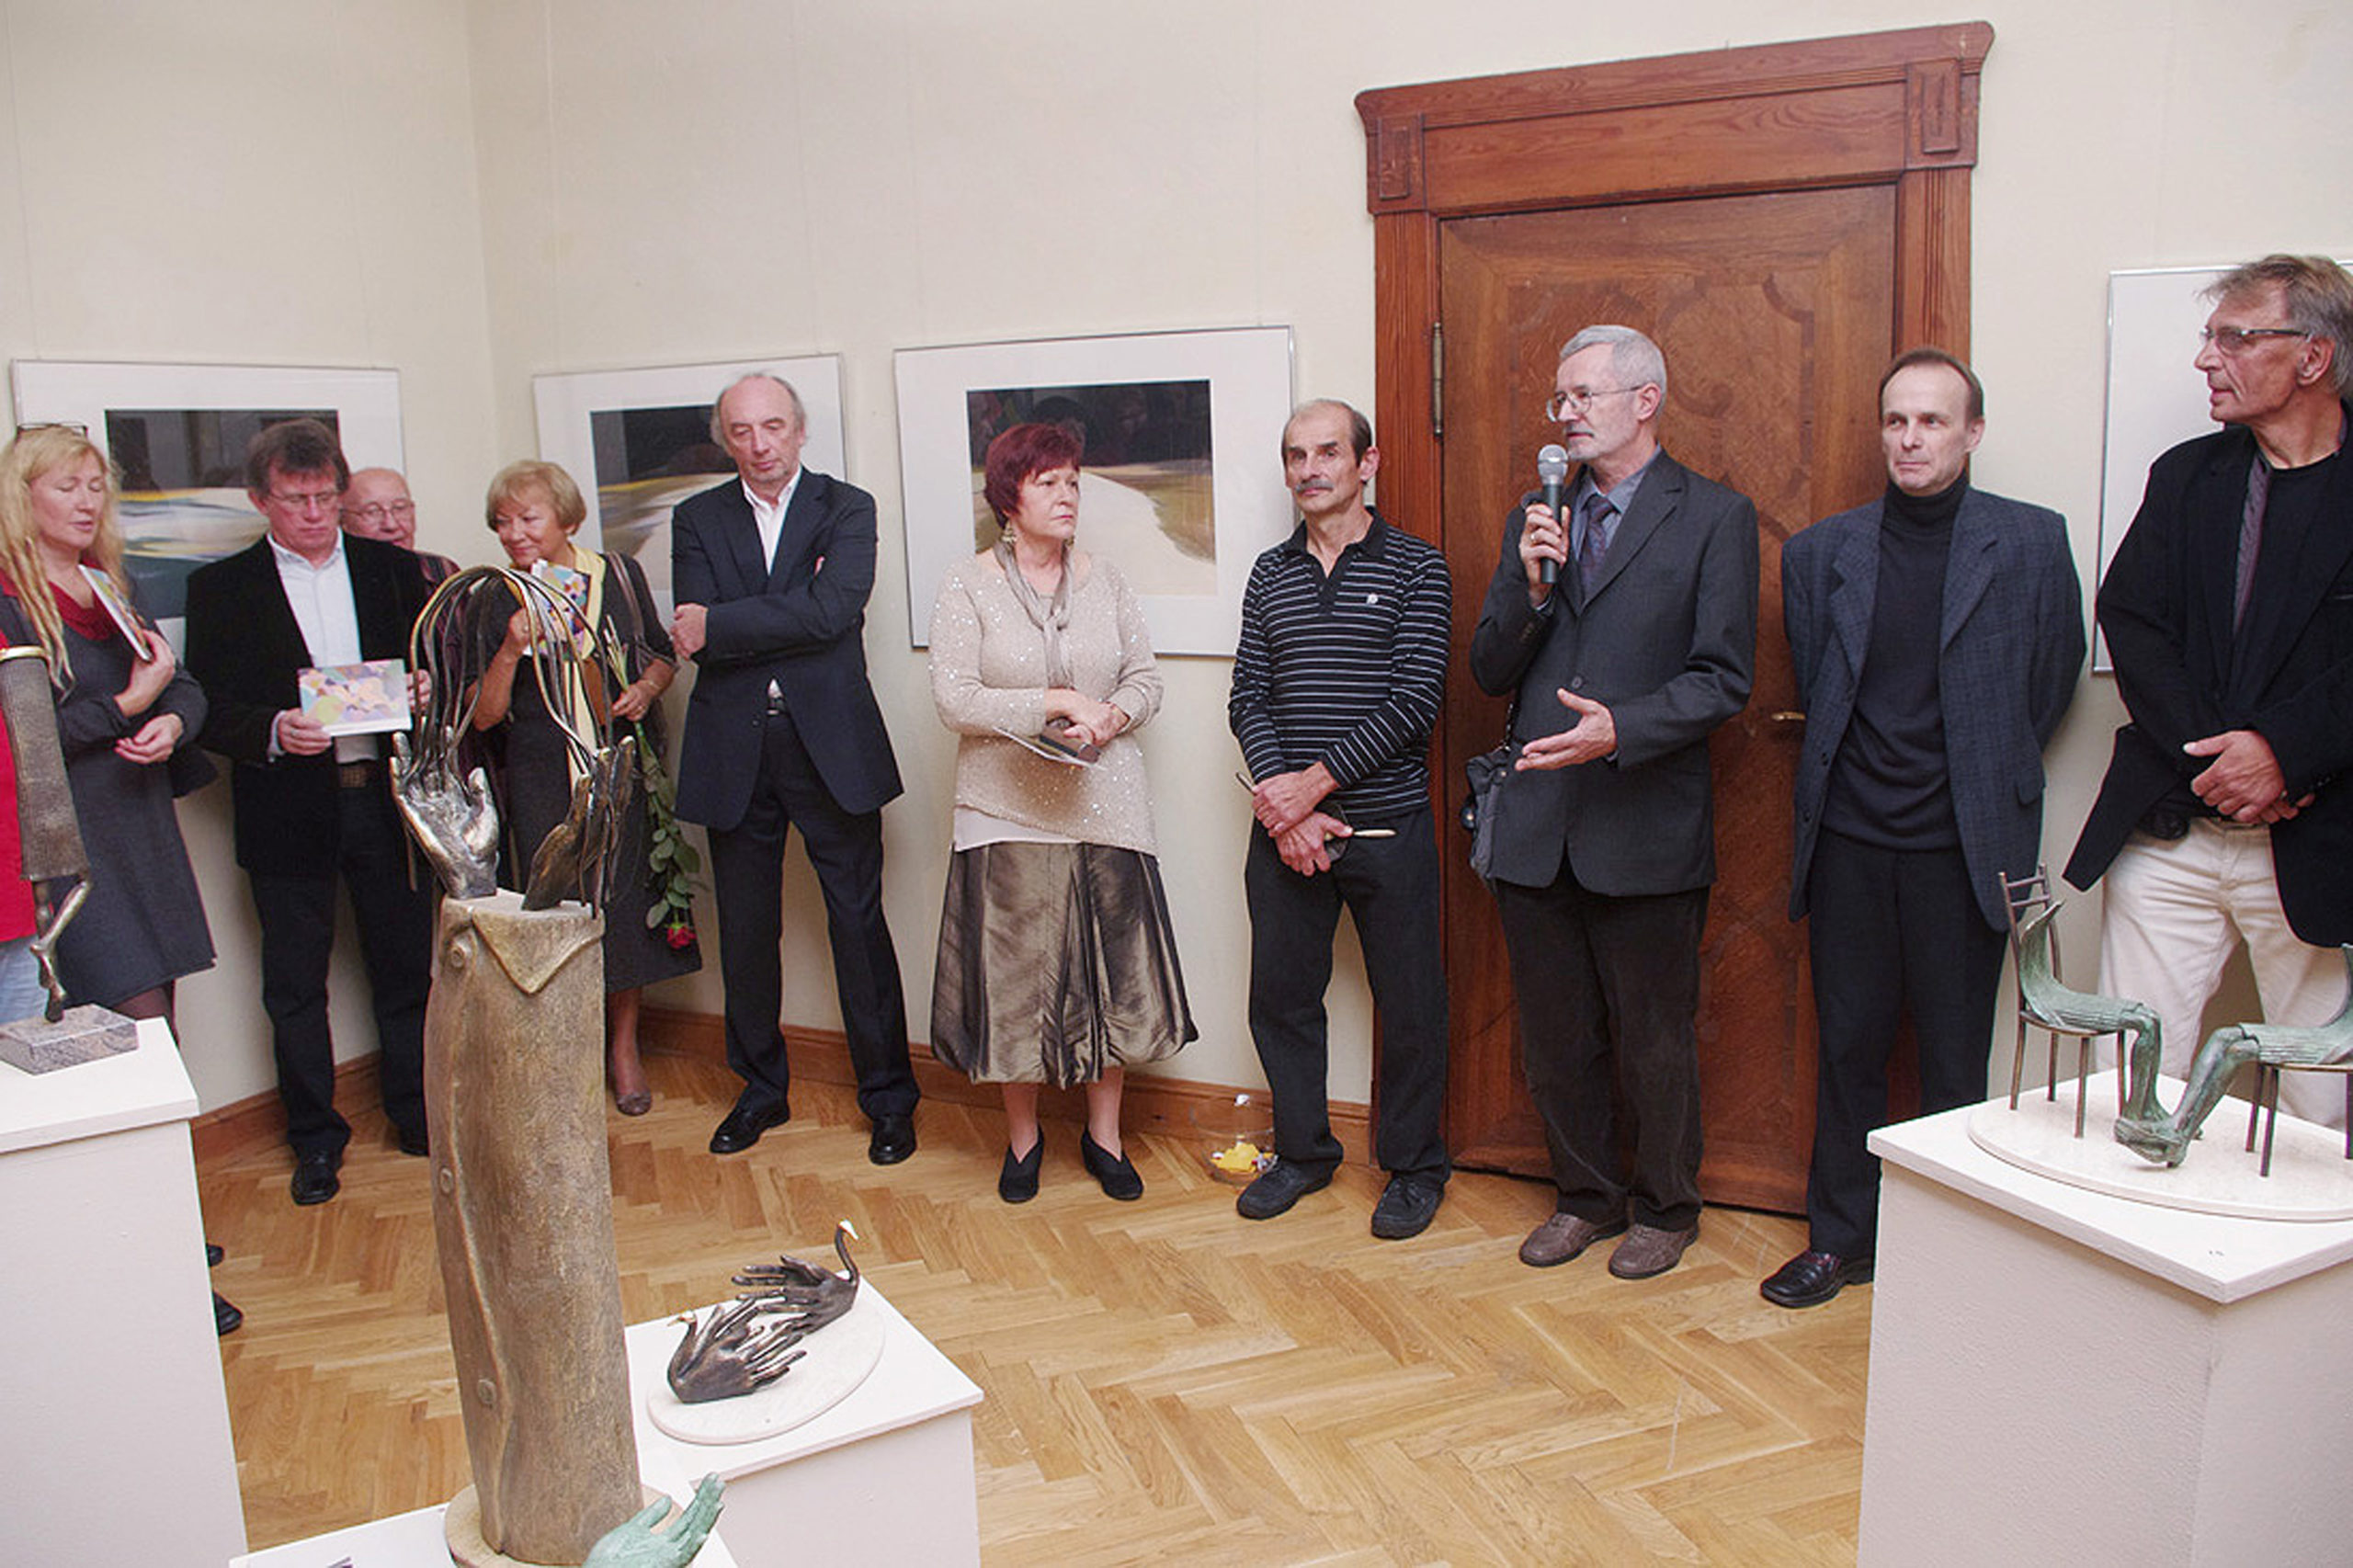 Wernisaż wystawy - Wojciech Zaniewski i jego goście MMS, Sopot 2012